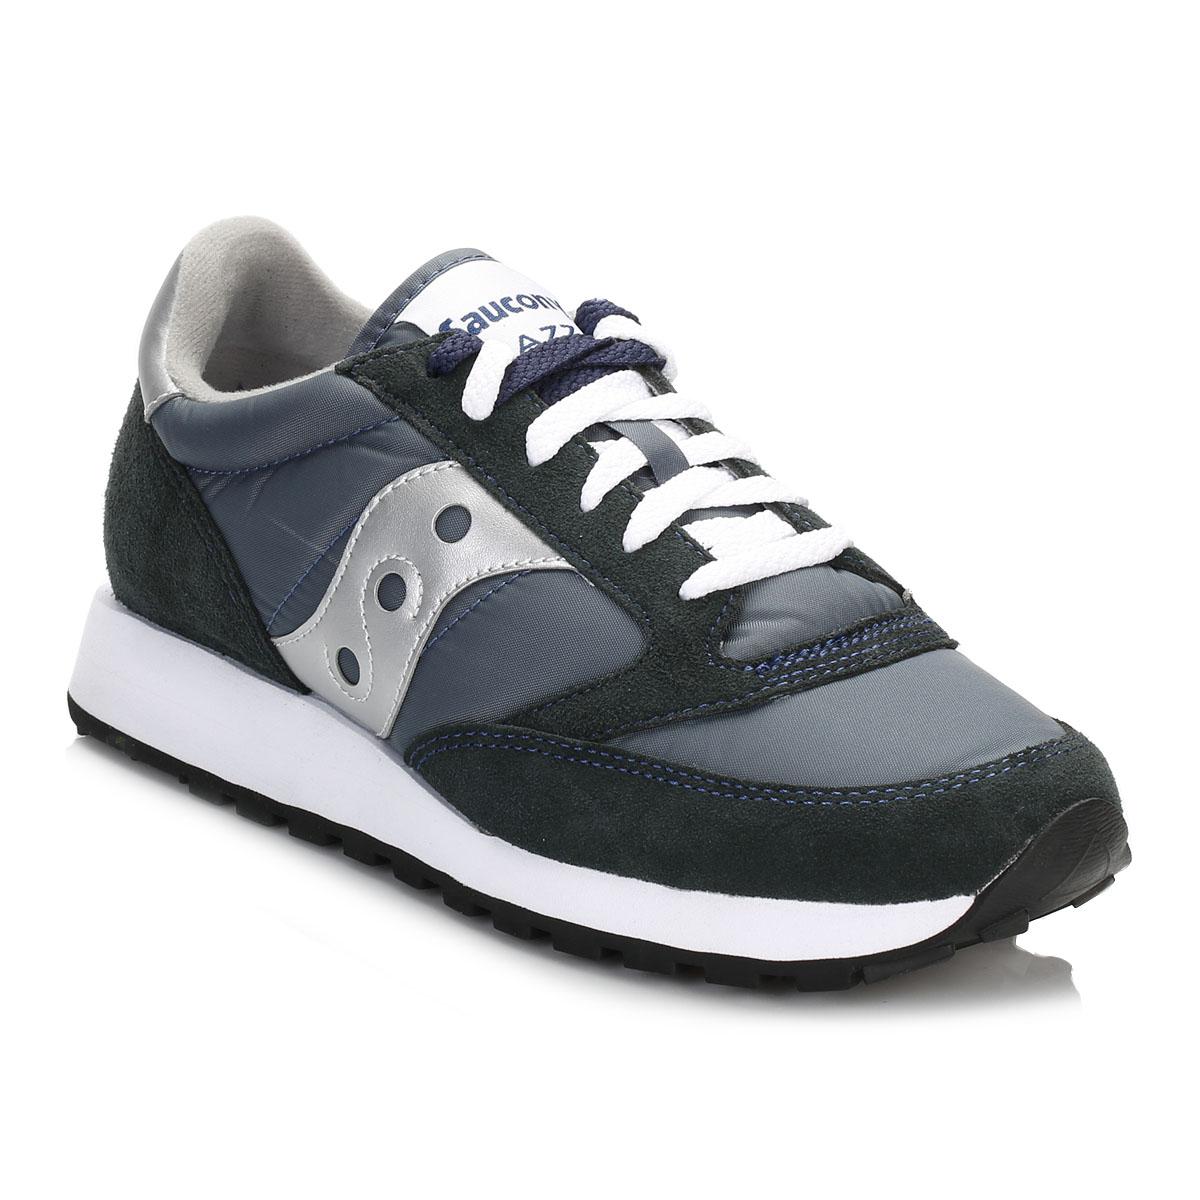 scegli l'autorizzazione scarpe casual carino economico saucony shadow nere e argento,saucony verde acqua